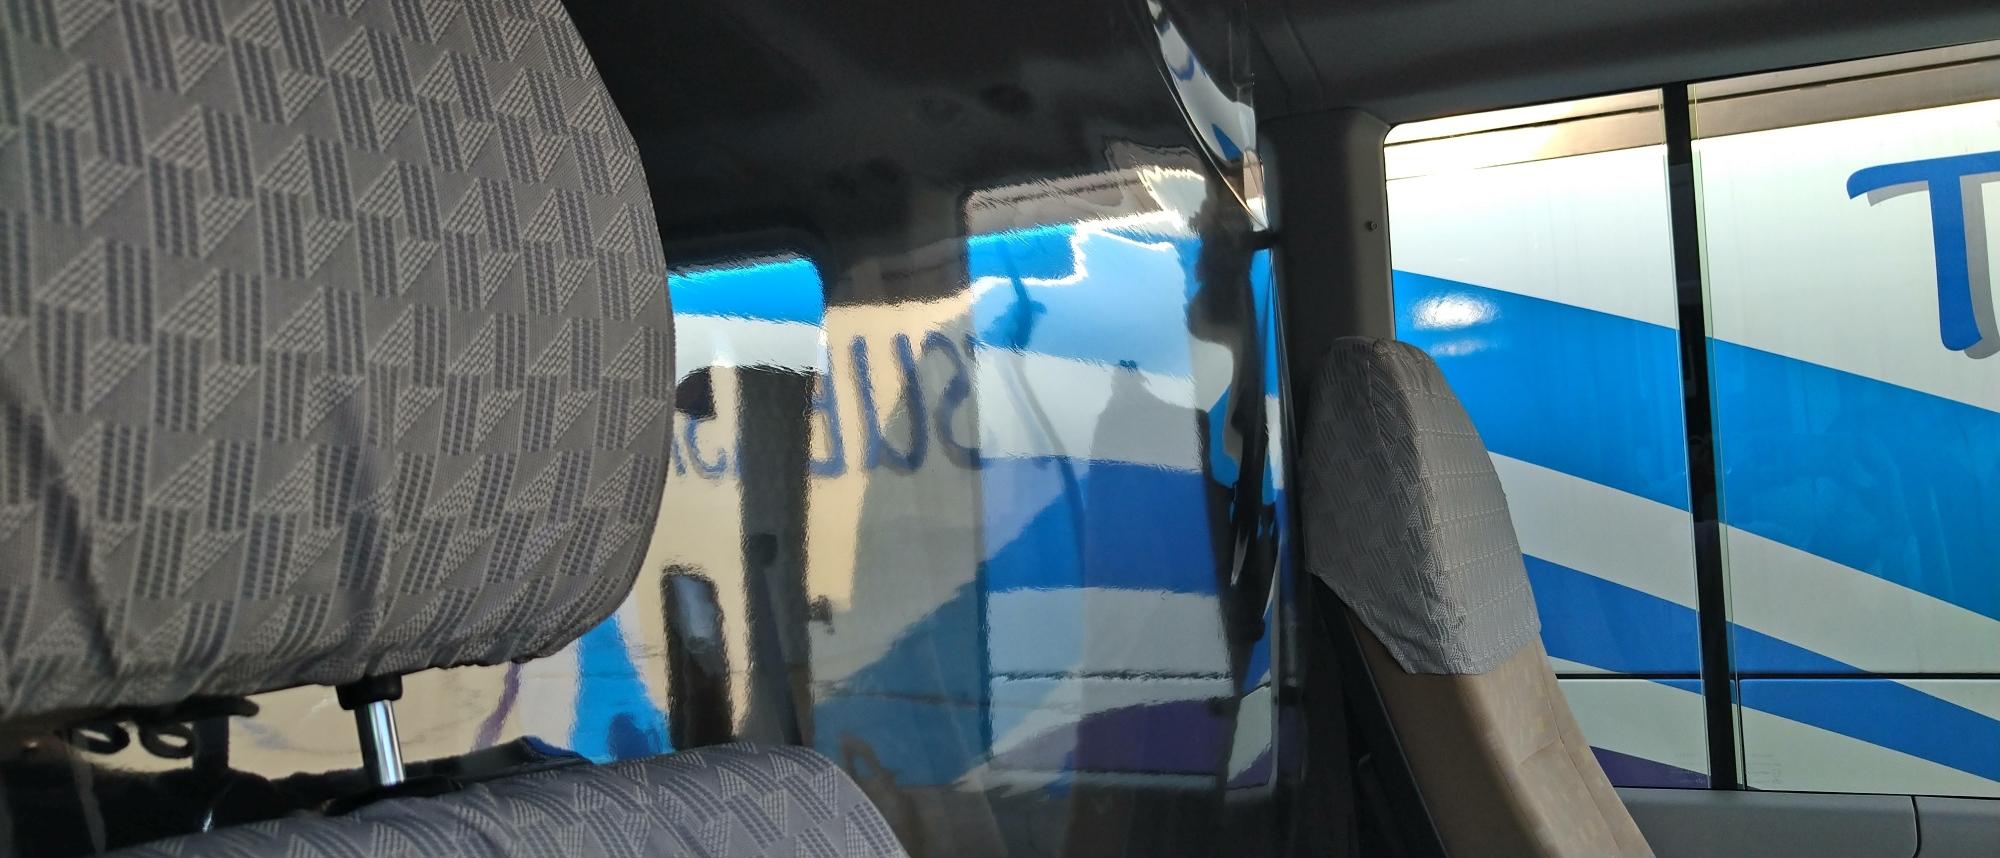 仕切りカーテン(小型バスの例)